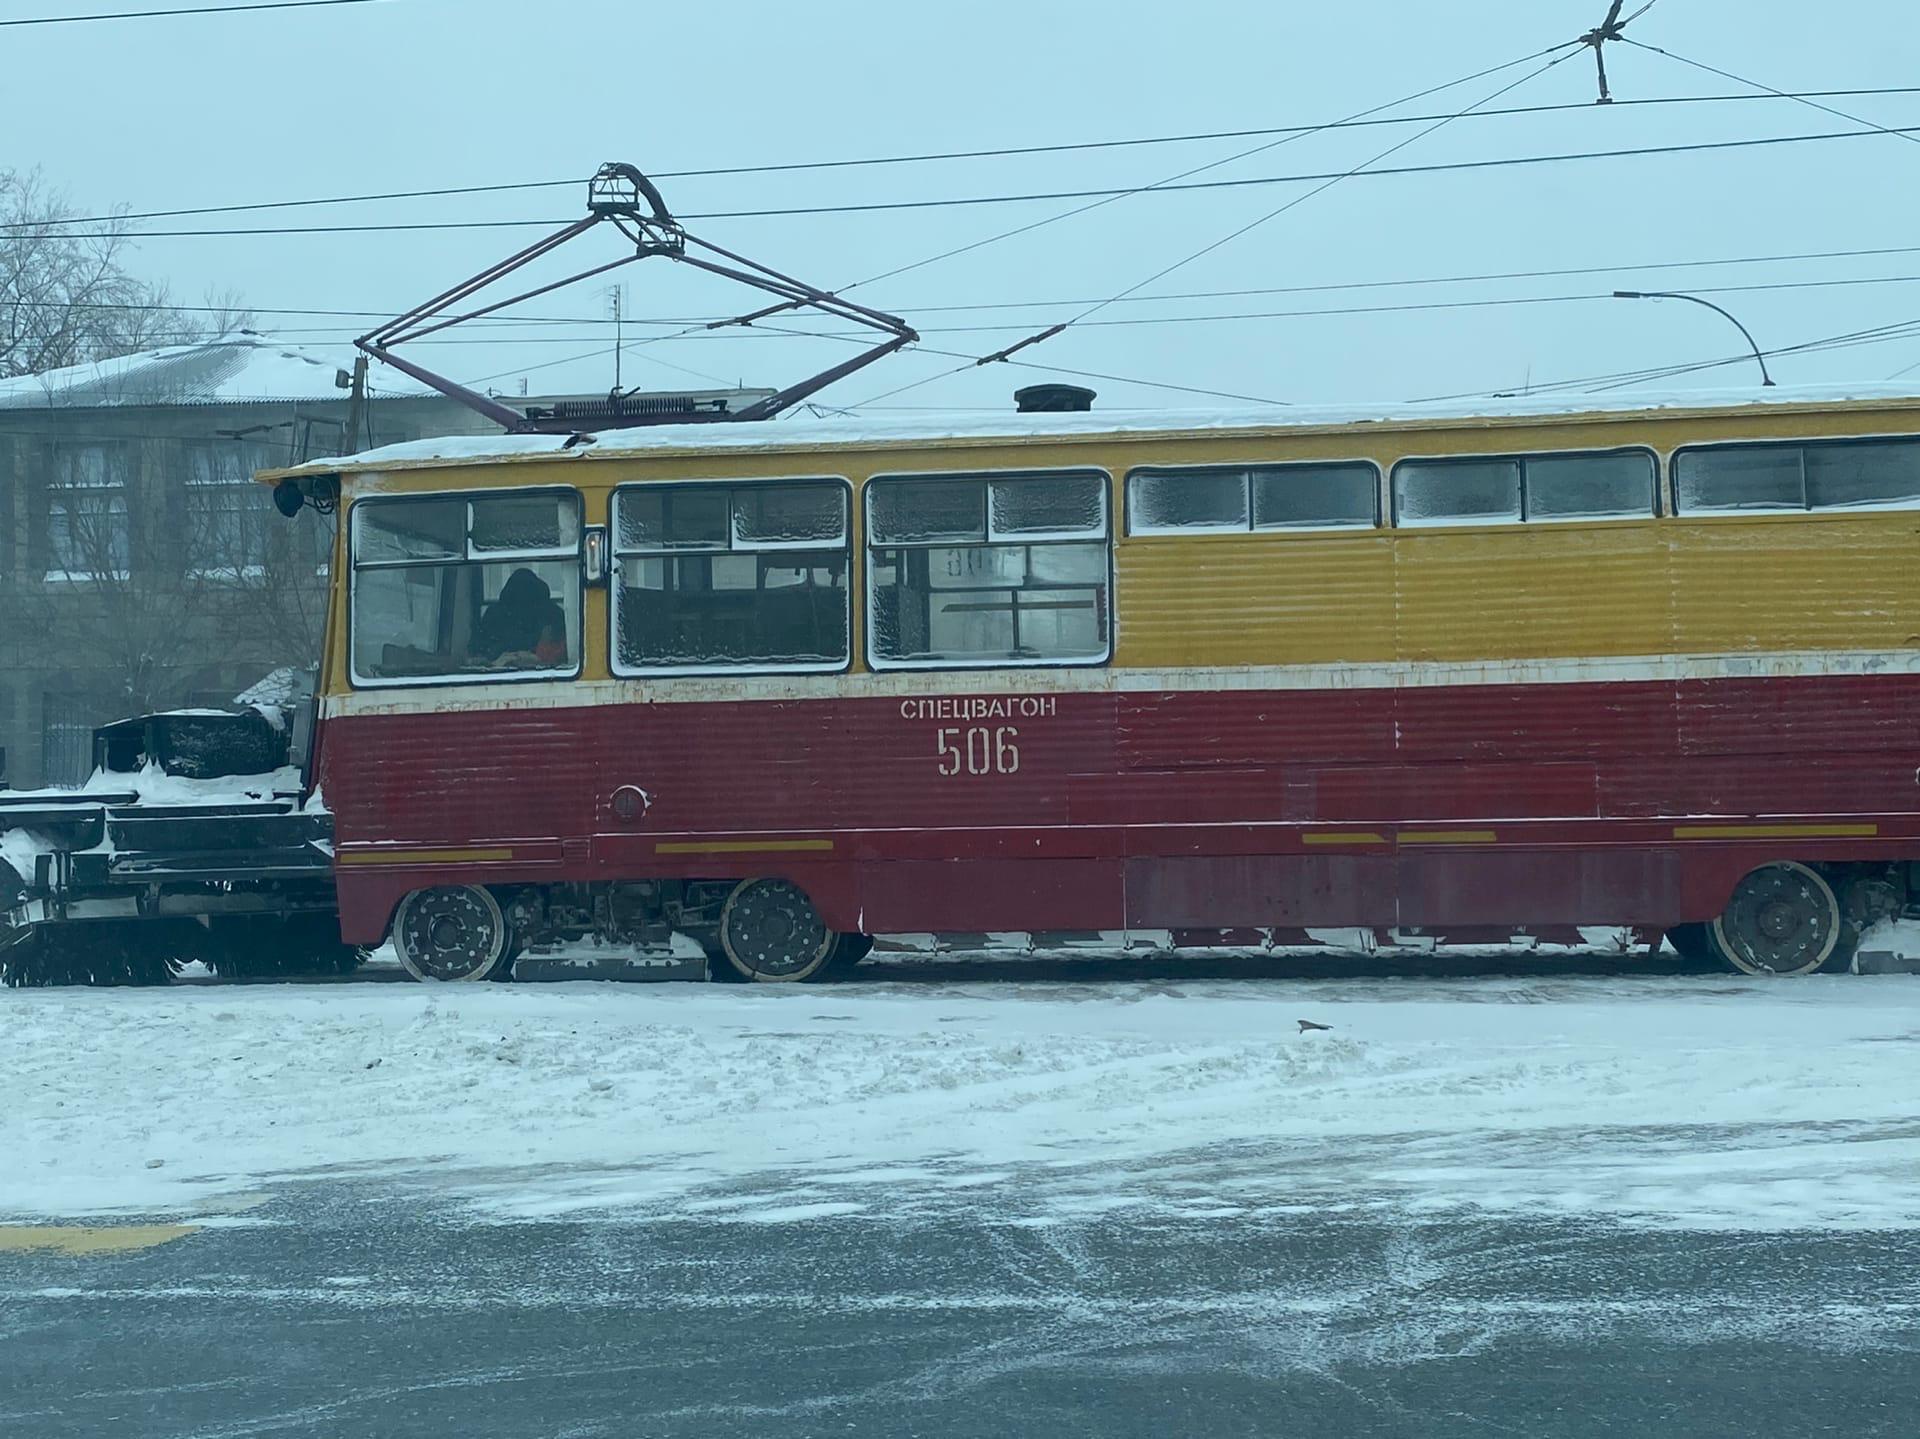 Парк «ЧелябГЭТ» оказался не готов к метели: 5 «спецвагонов не хватает, чтобы расчистить пути и восстановить движение трамваев»